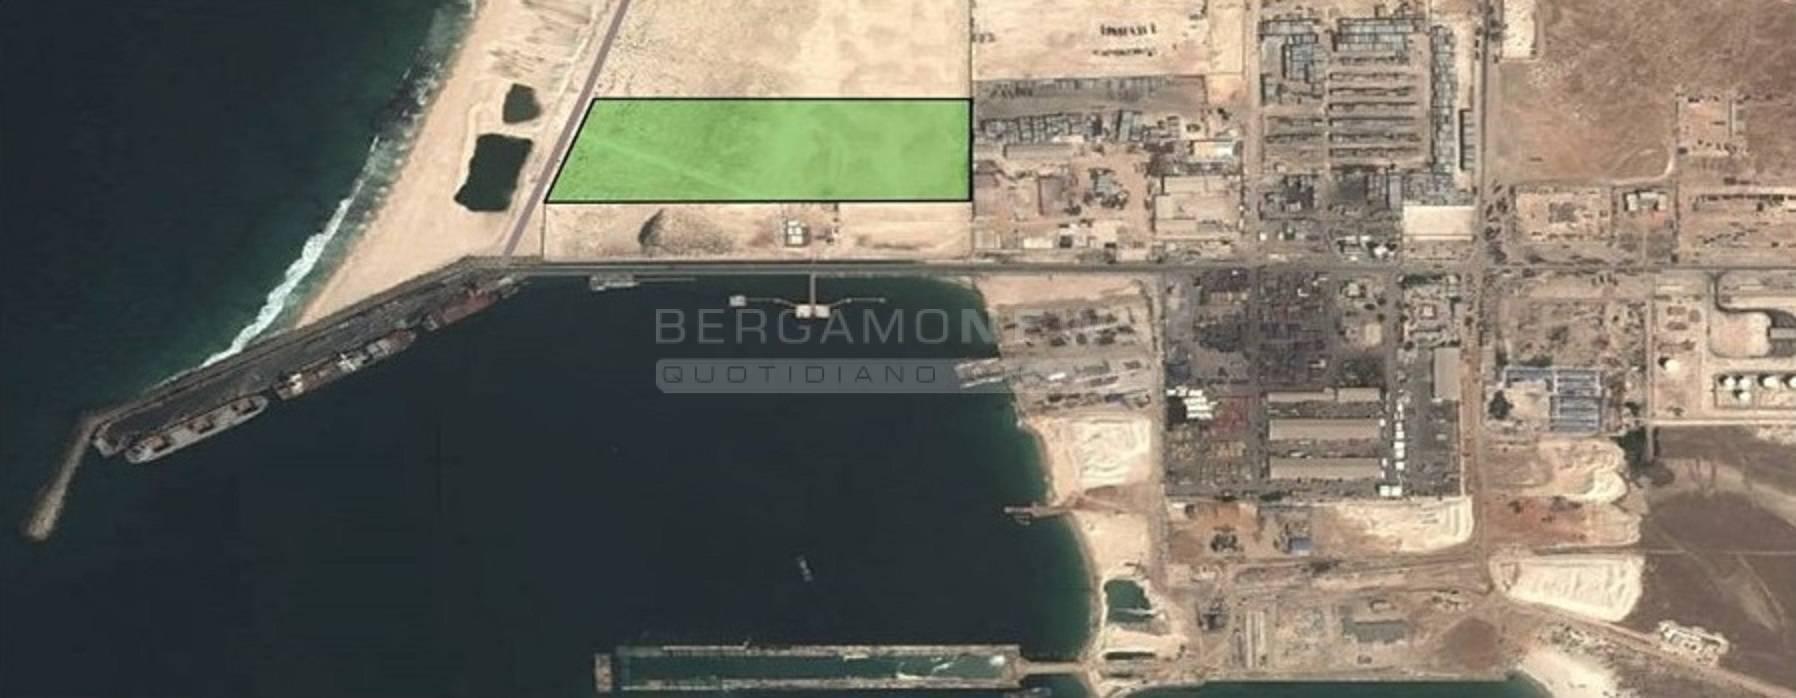 Mauritania siti di incontri cosa aspettarsi la scansione di incontri